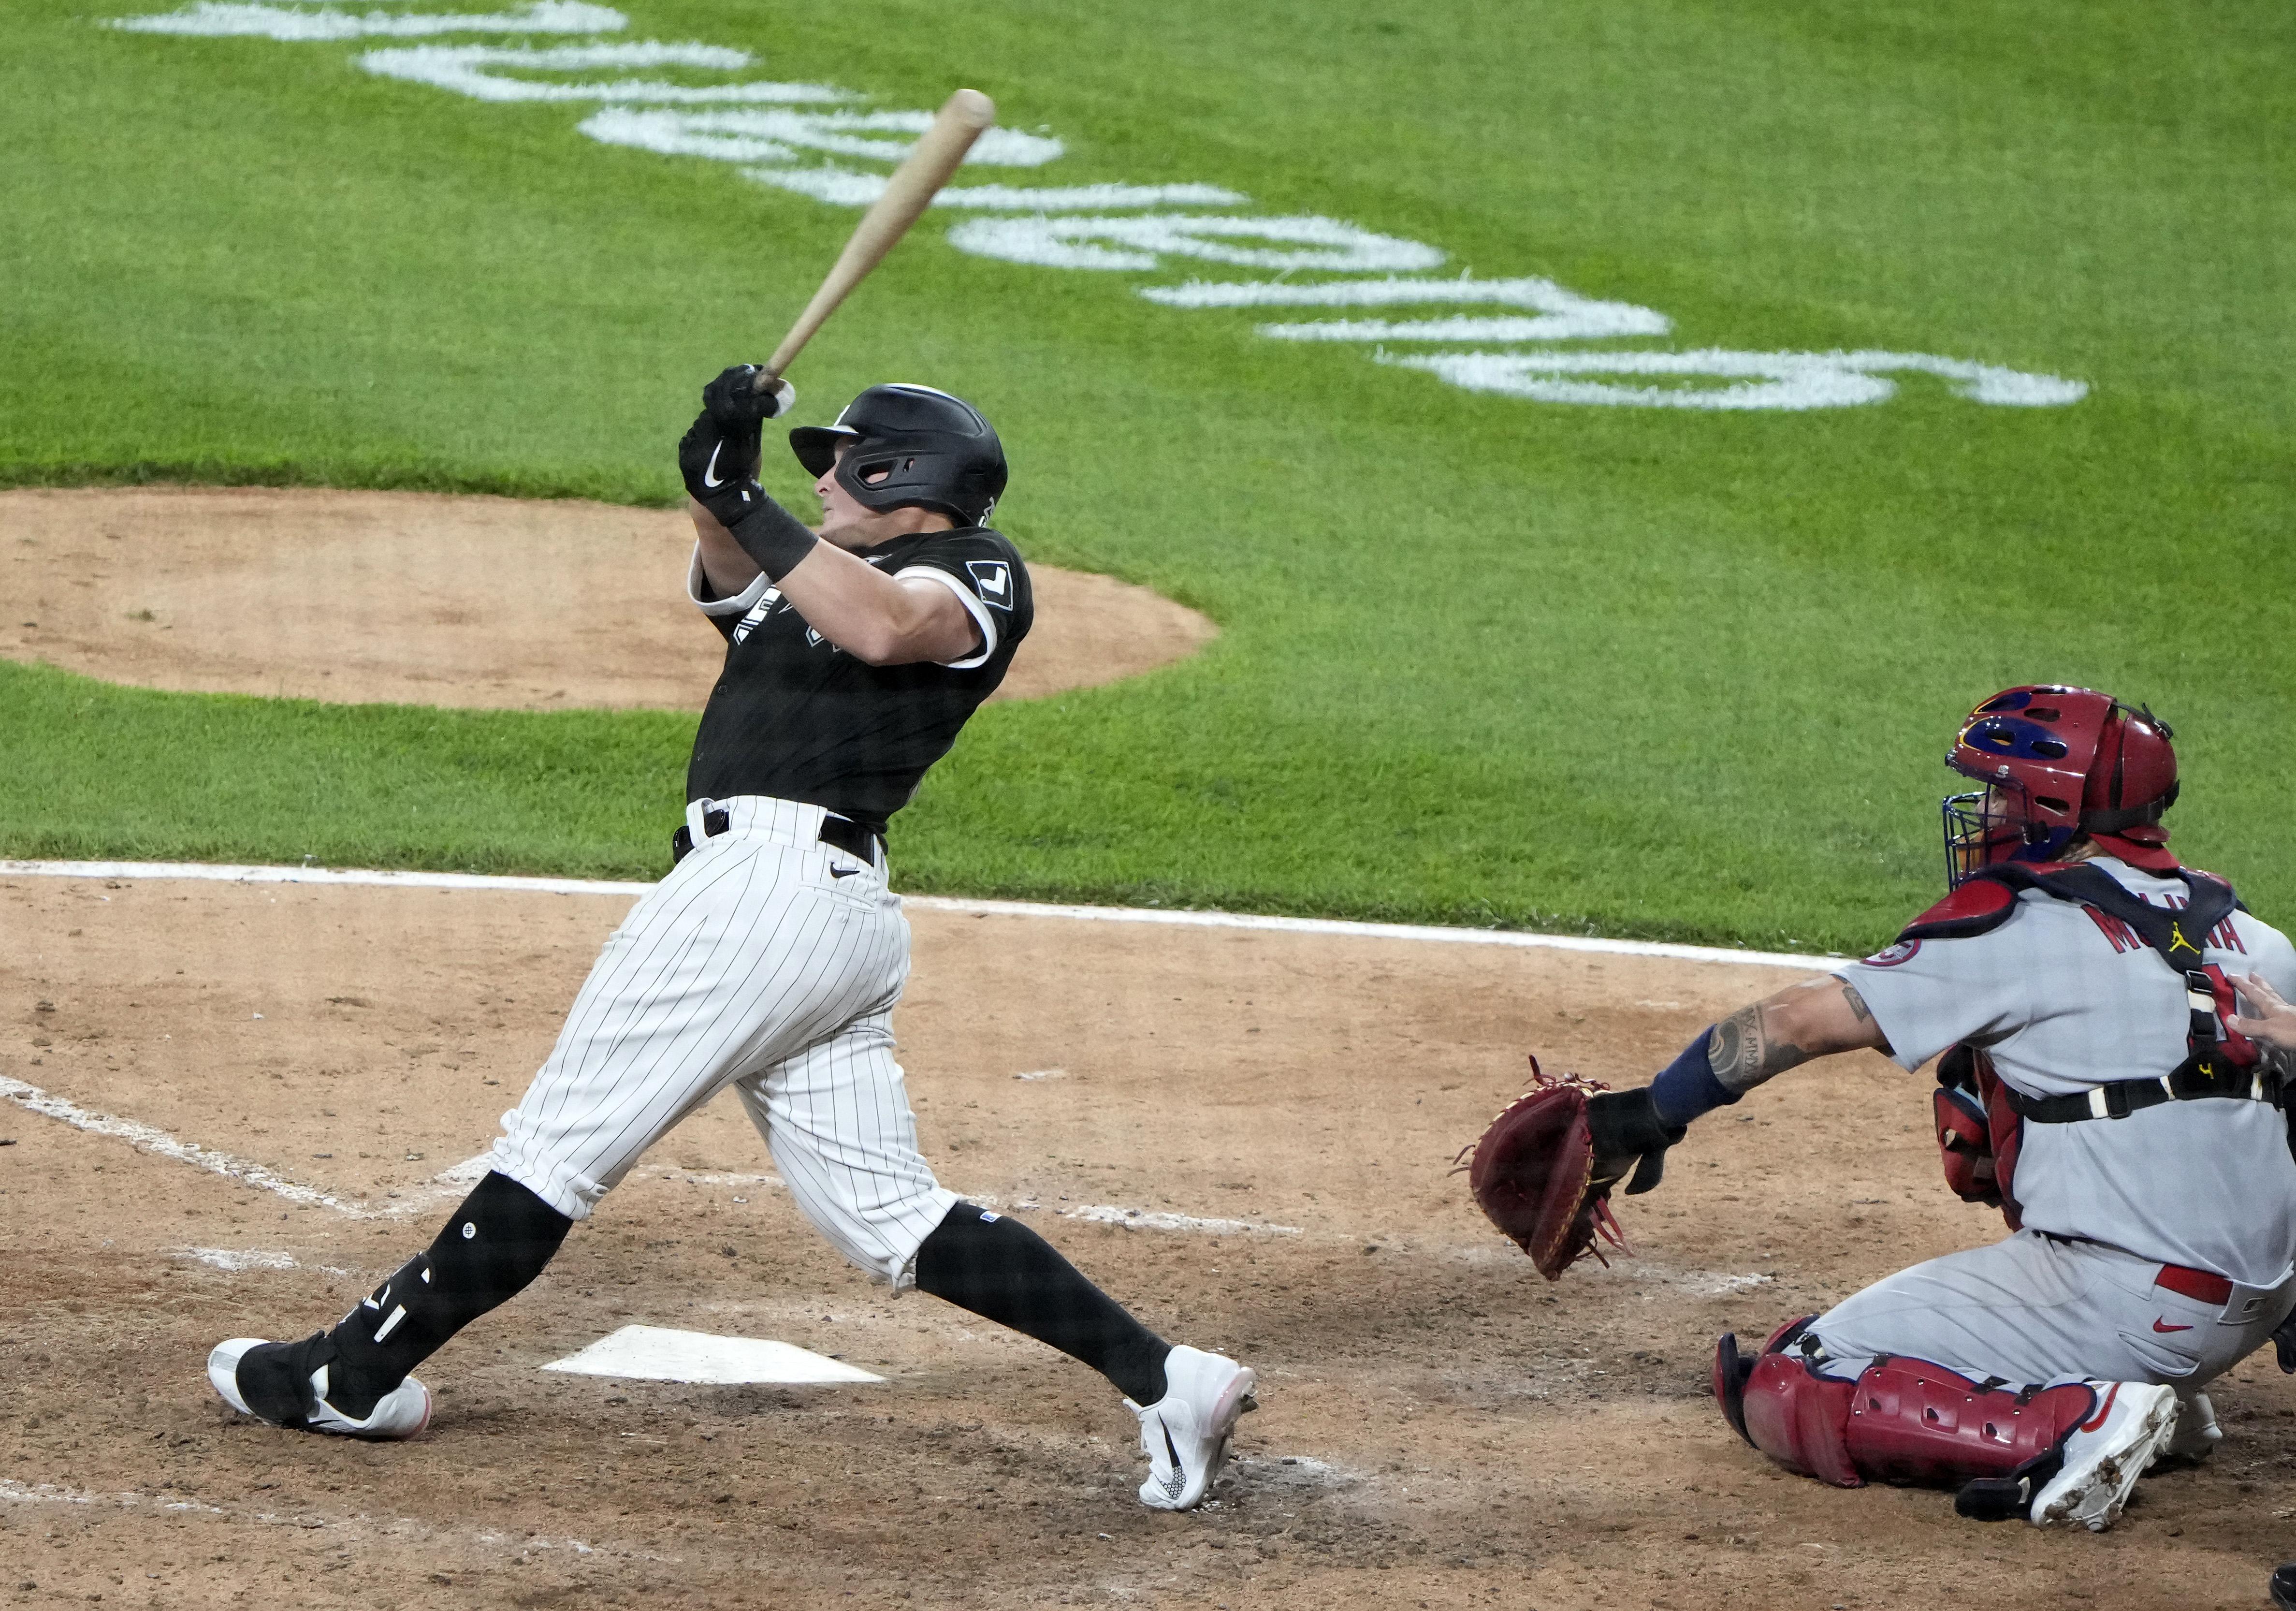 MLB:芝加哥白袜队的圣路易斯红雀队